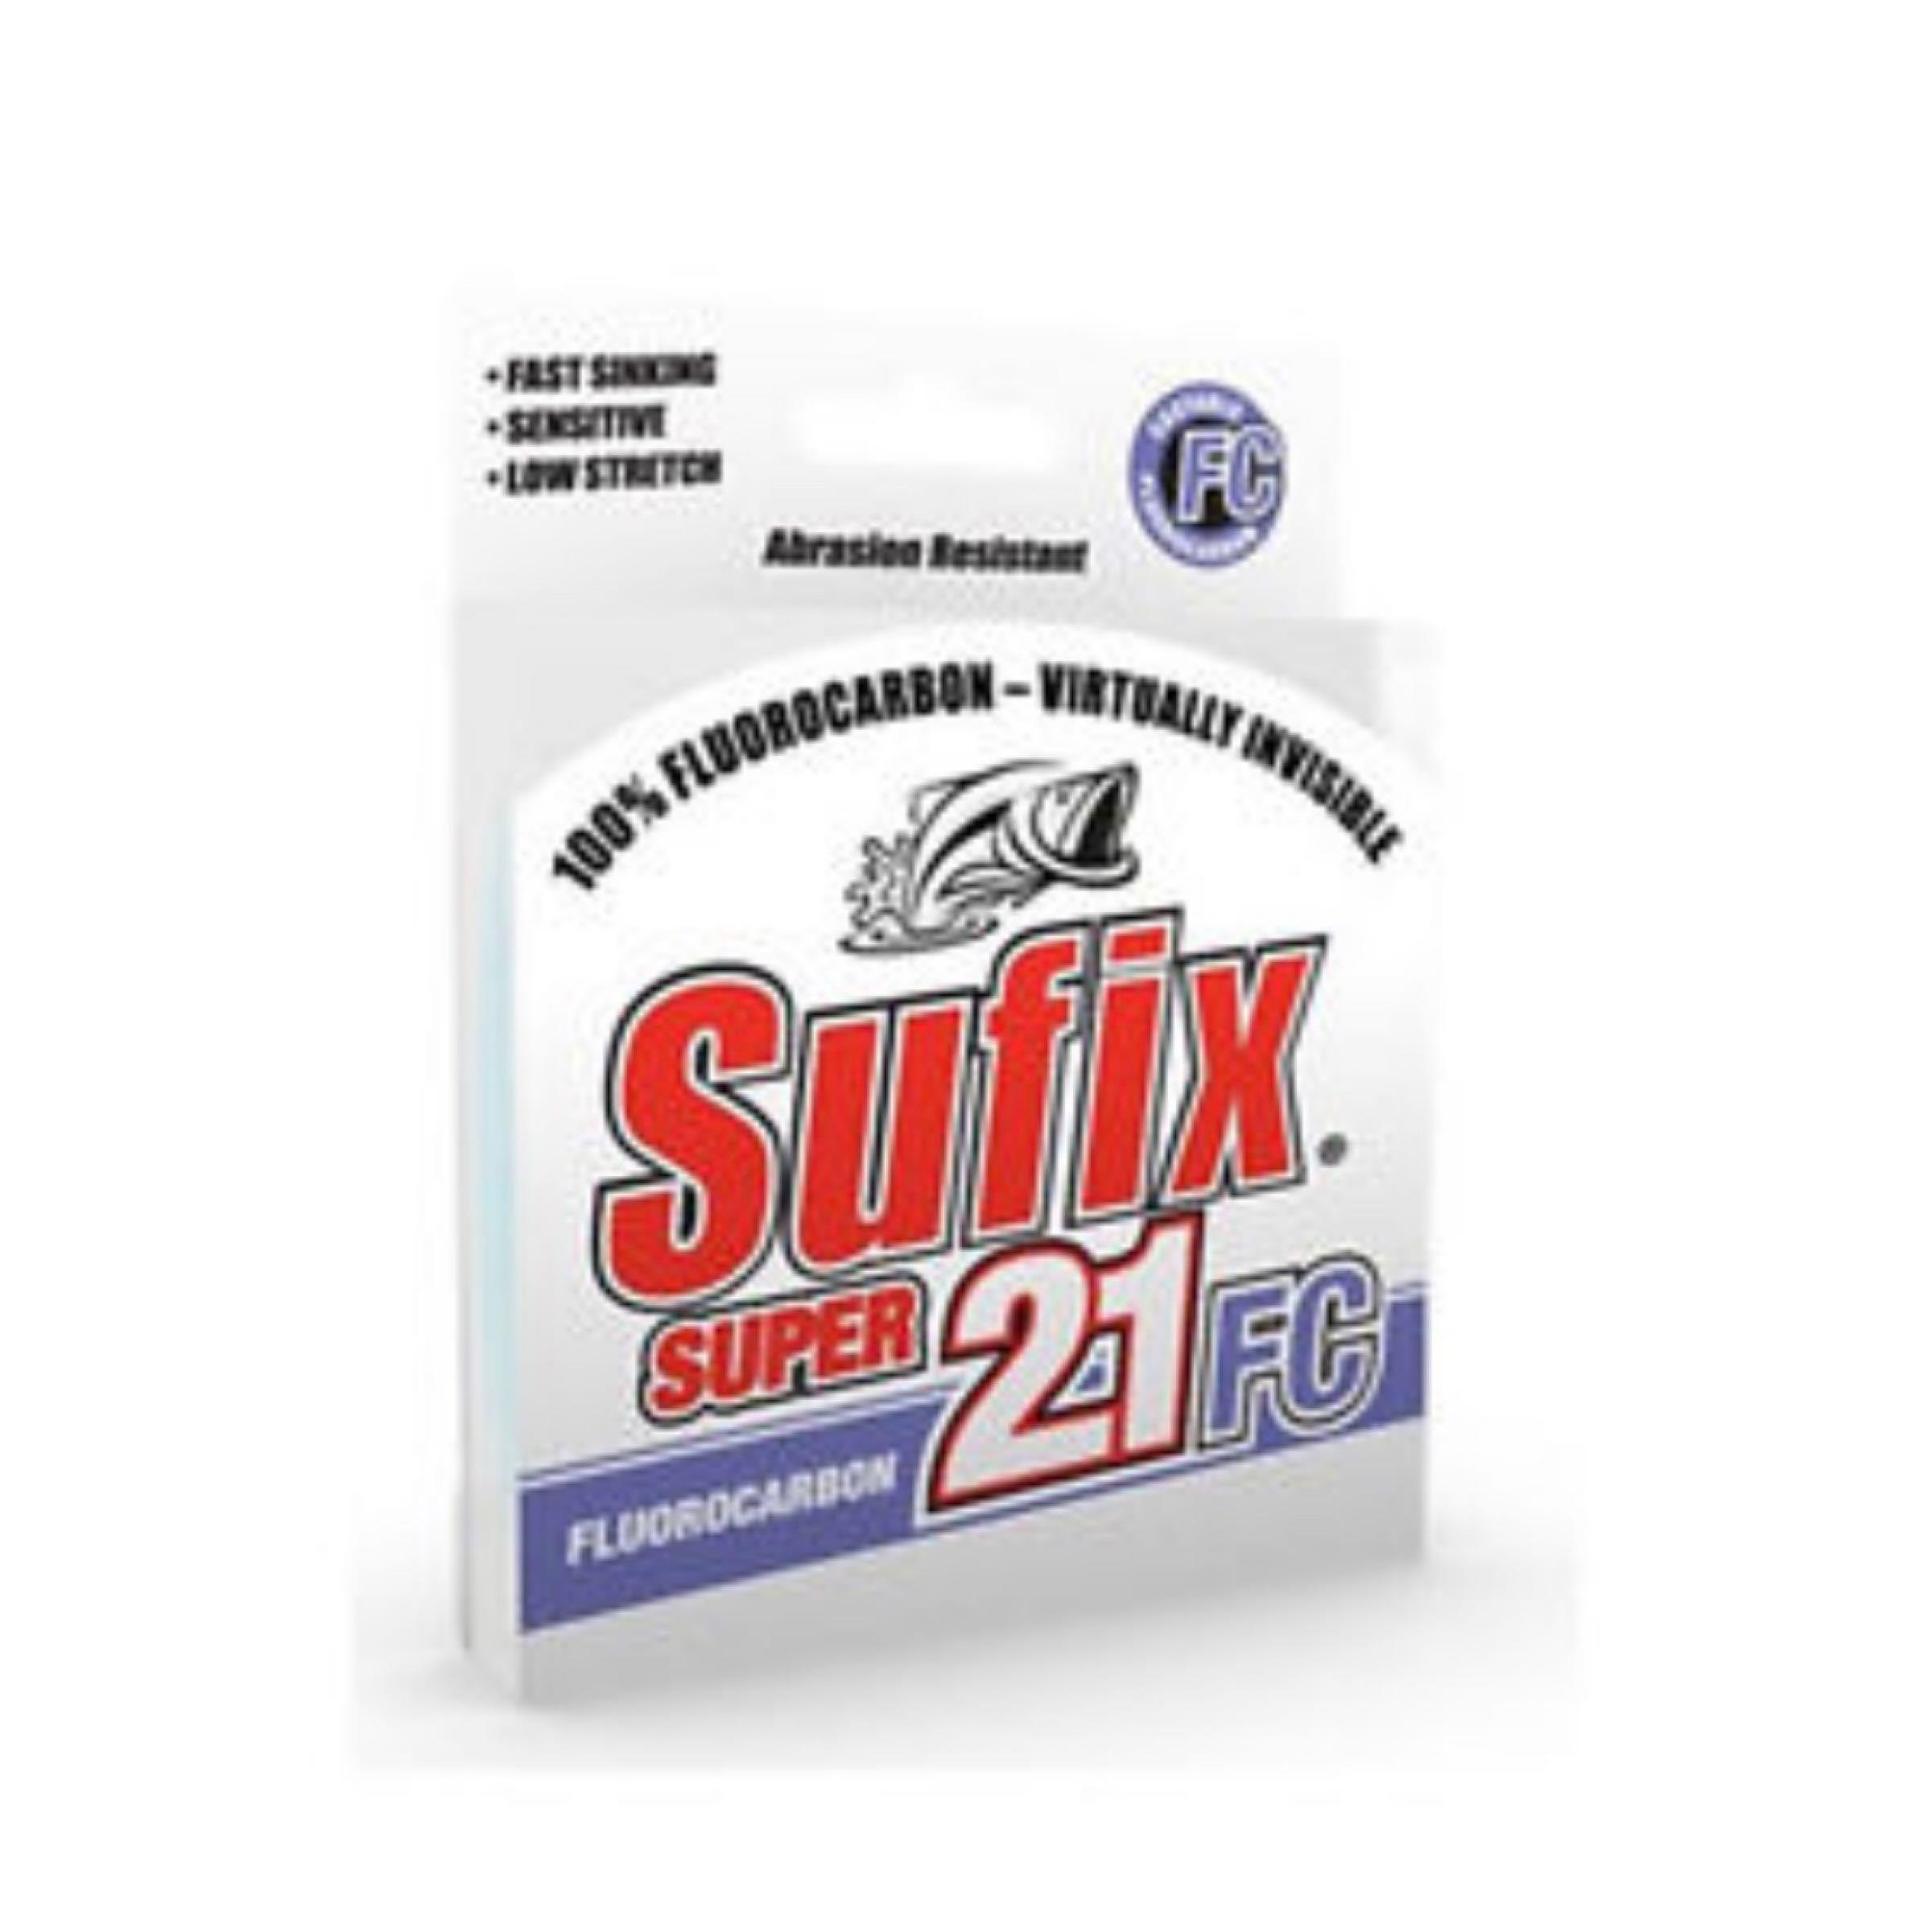 Sufix 21FC